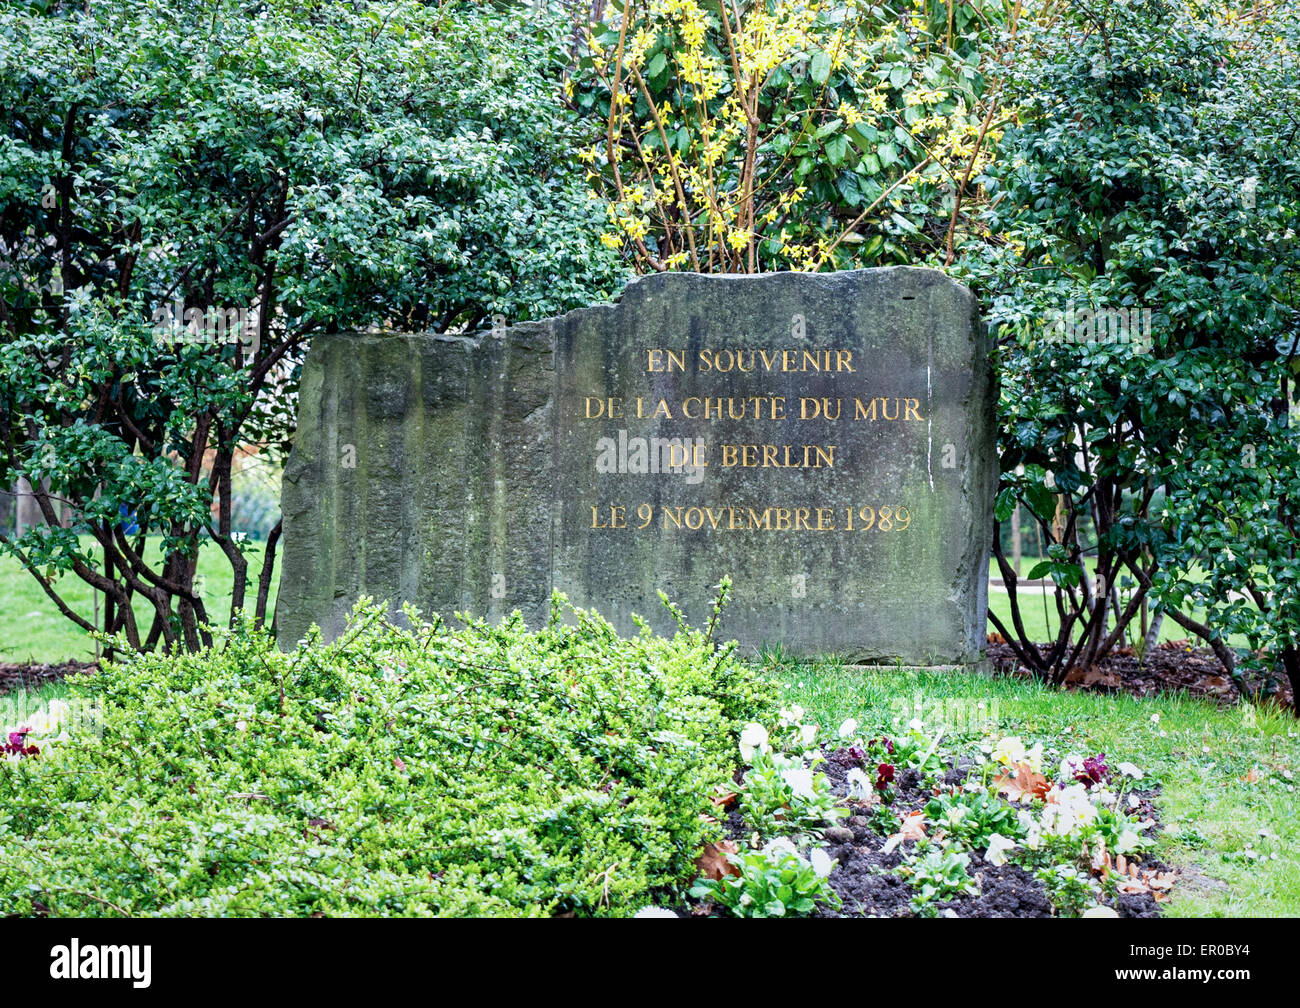 Paris Monument - granit pierre se souvient de la chute du Mur de Berlin le 9 novembre 1989 Photo Stock